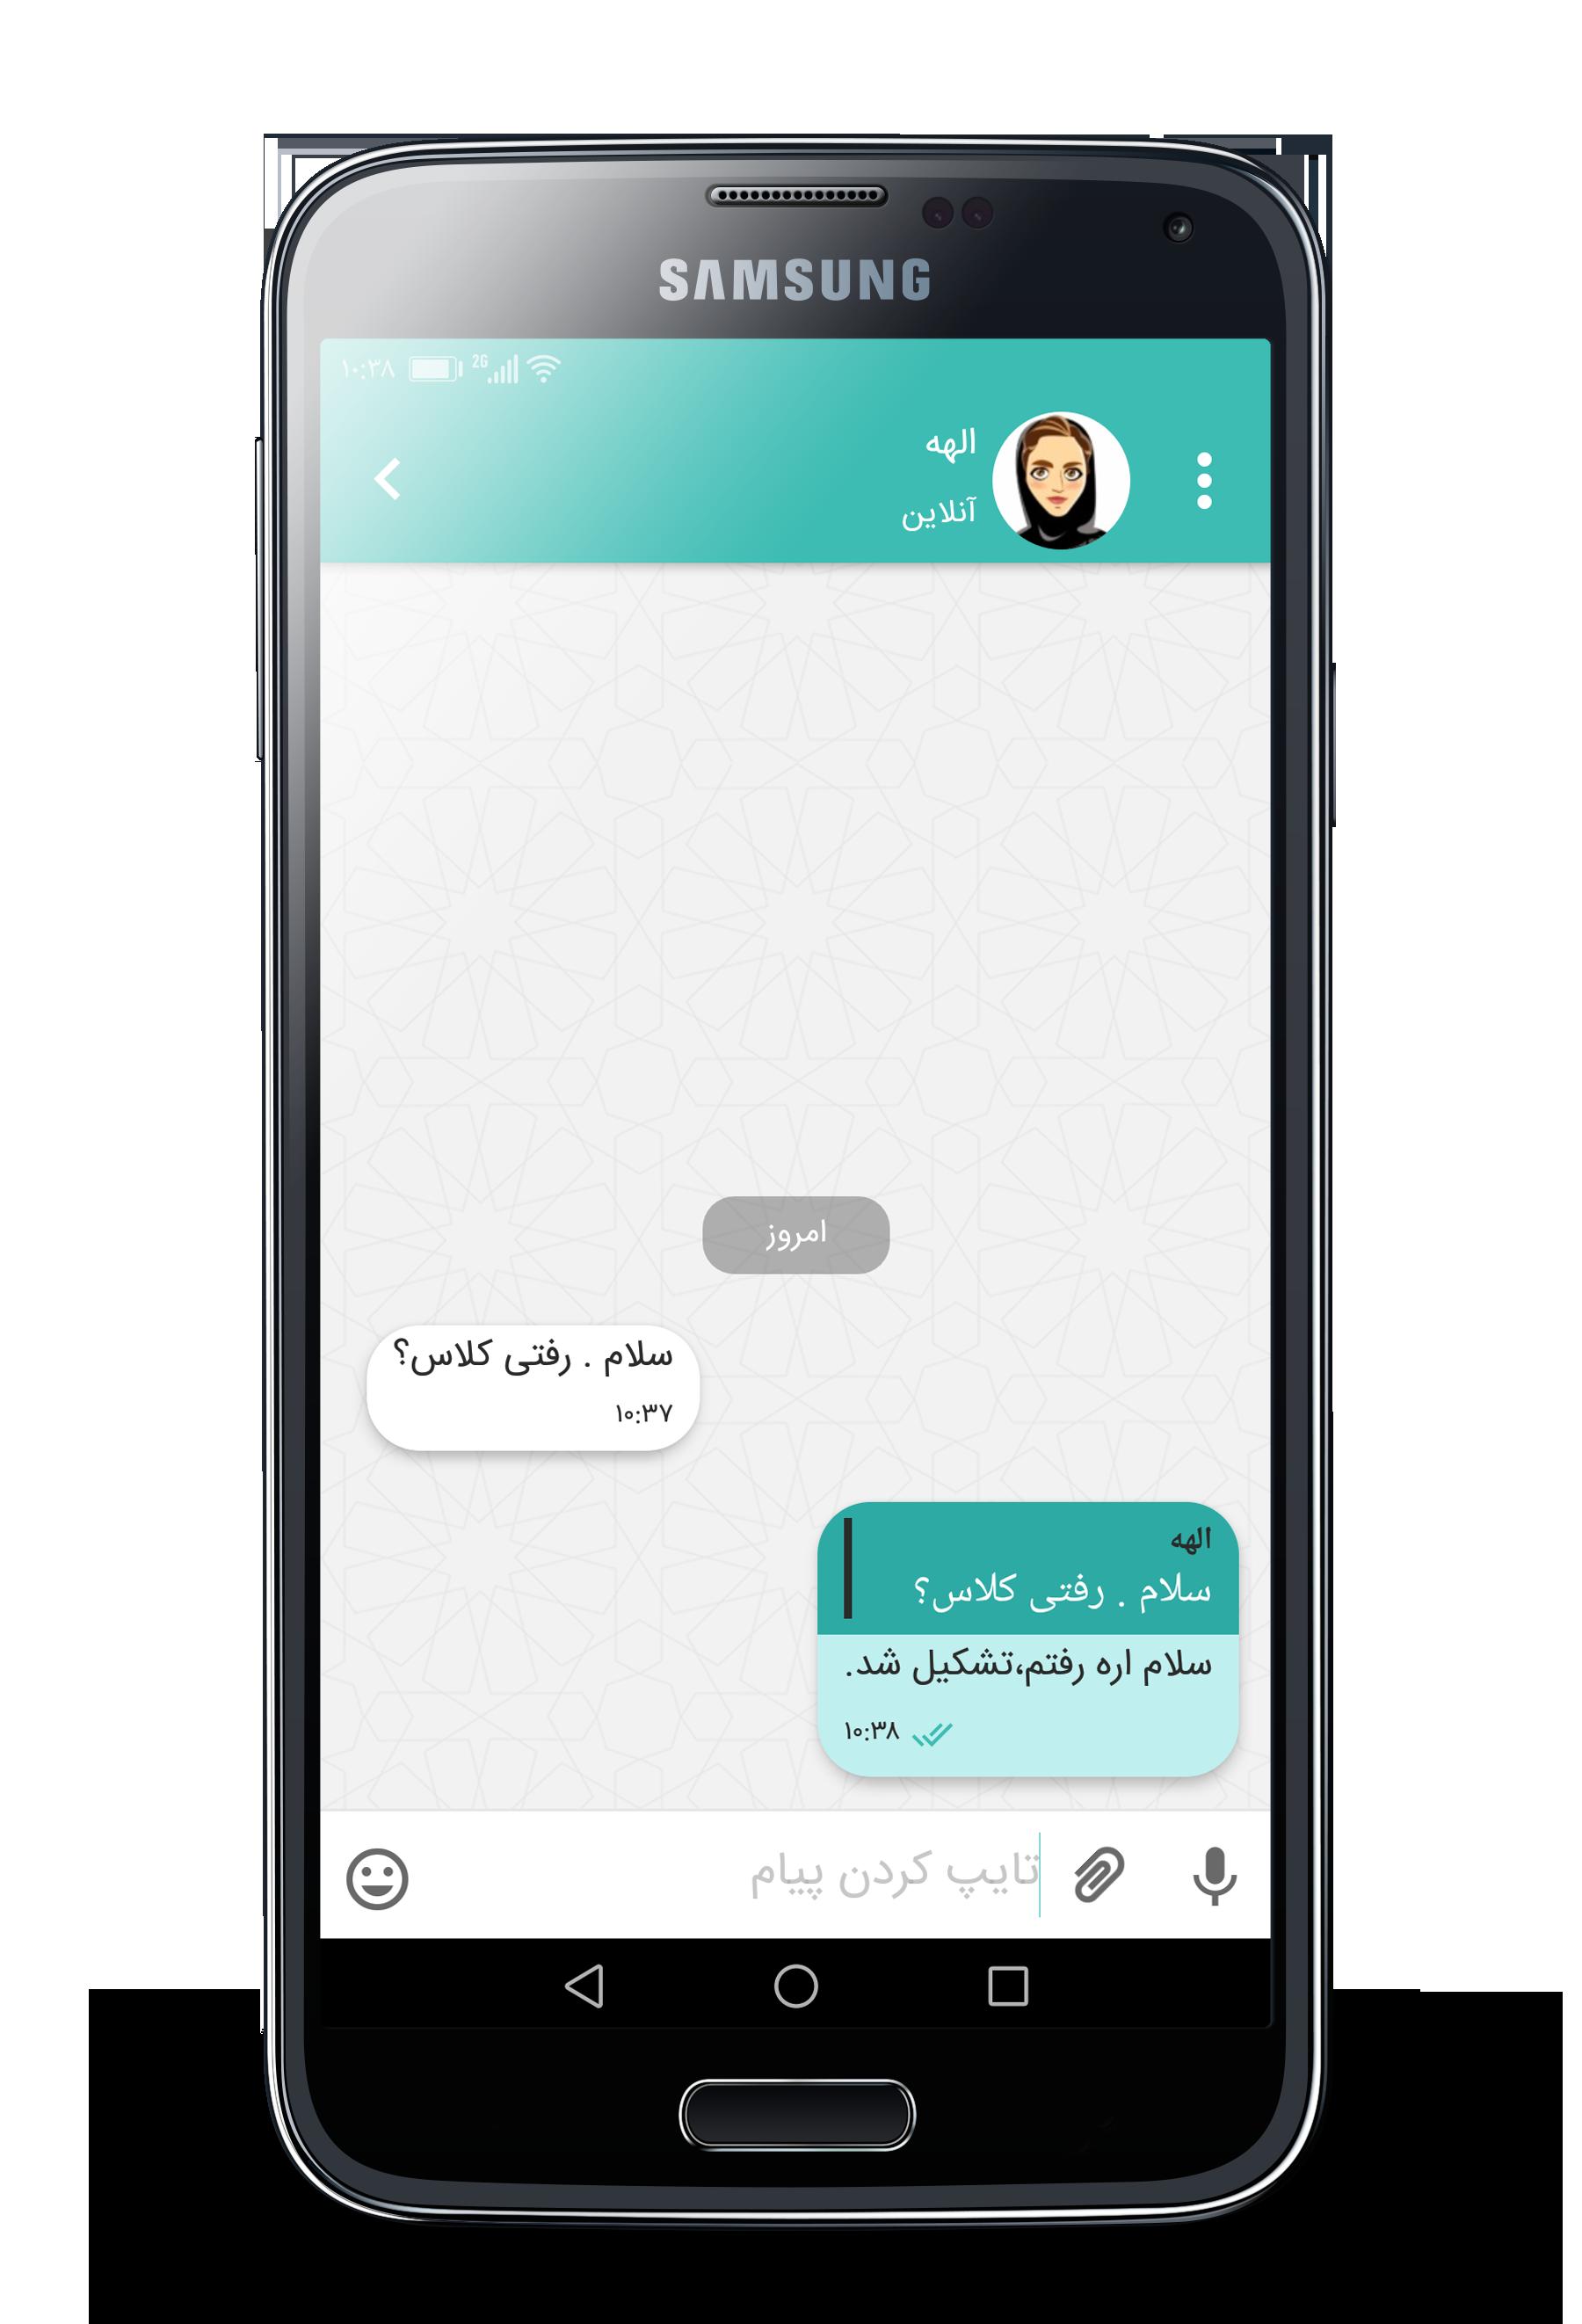 طریقه ی پاسخ دادن به پیام در نسخه اندروید آیگپ